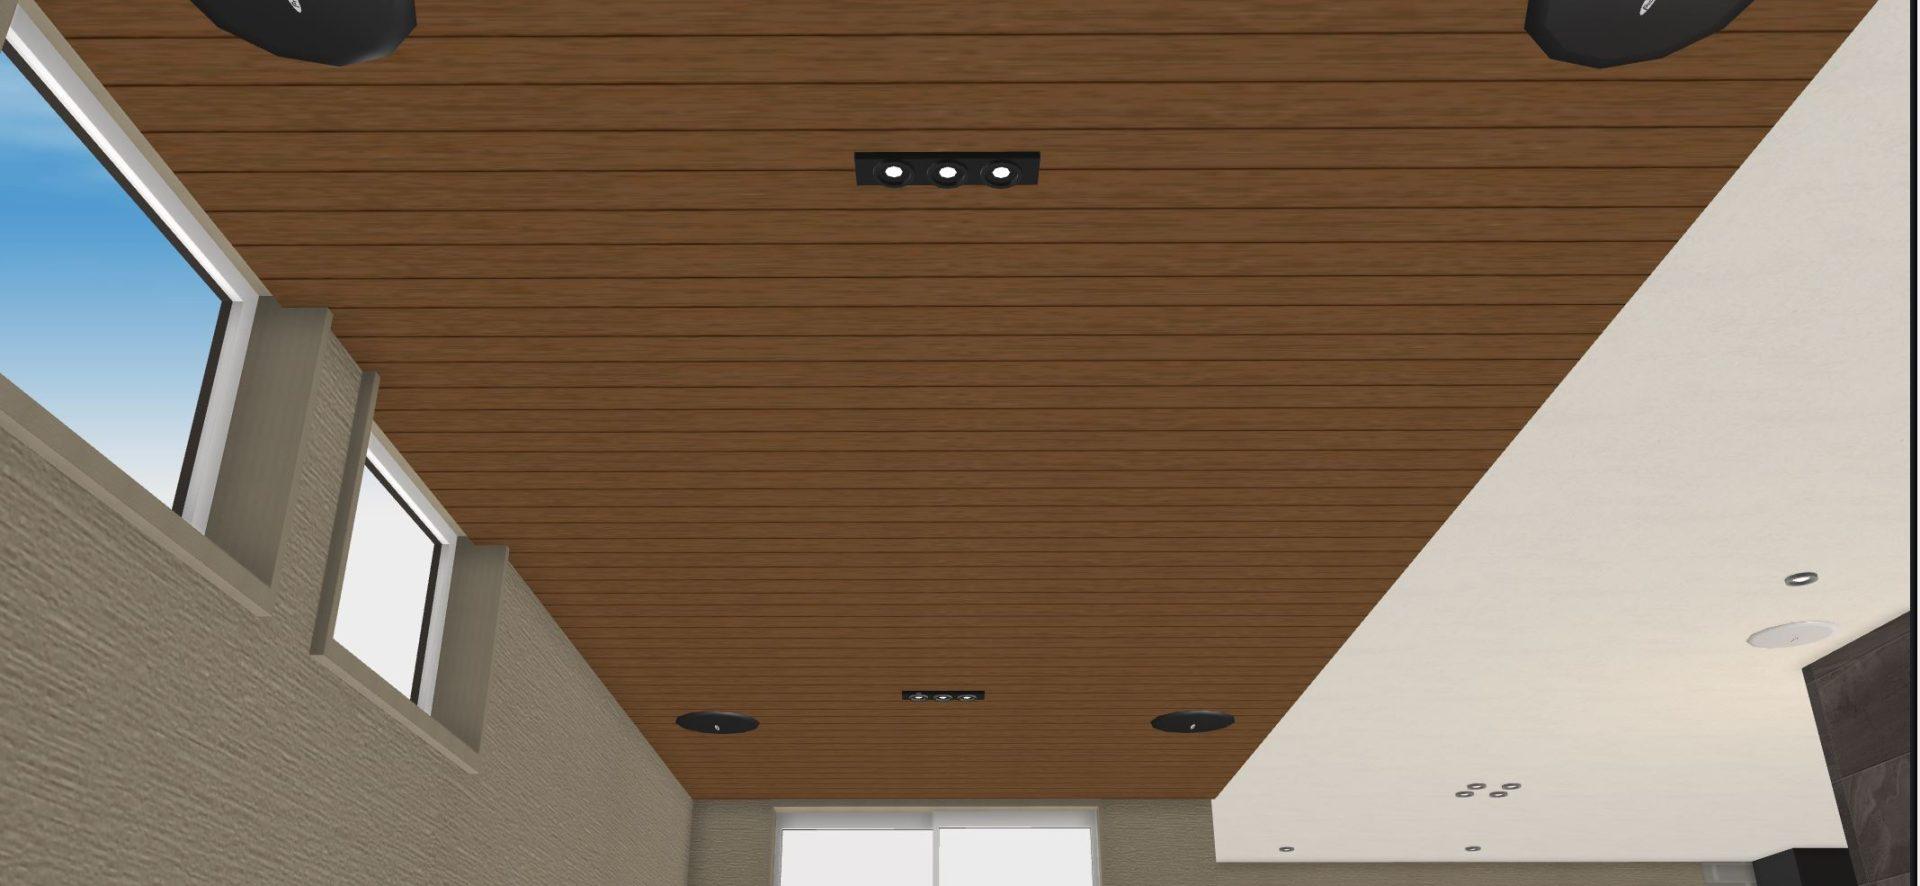 下がり天井にはAD1145B27を使用